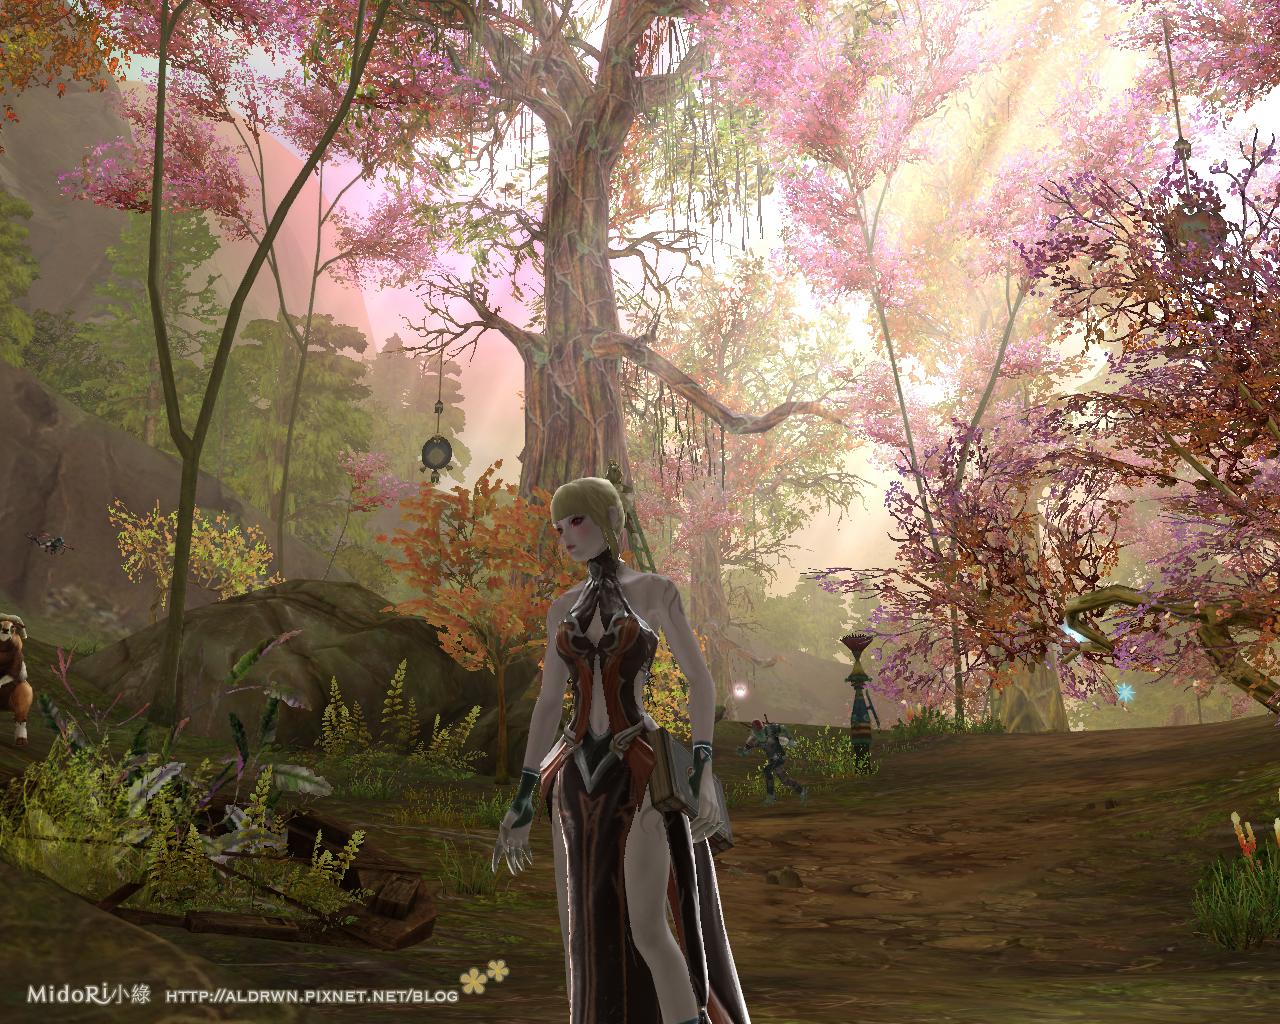 魔族-超美櫻花樹林2.jpg